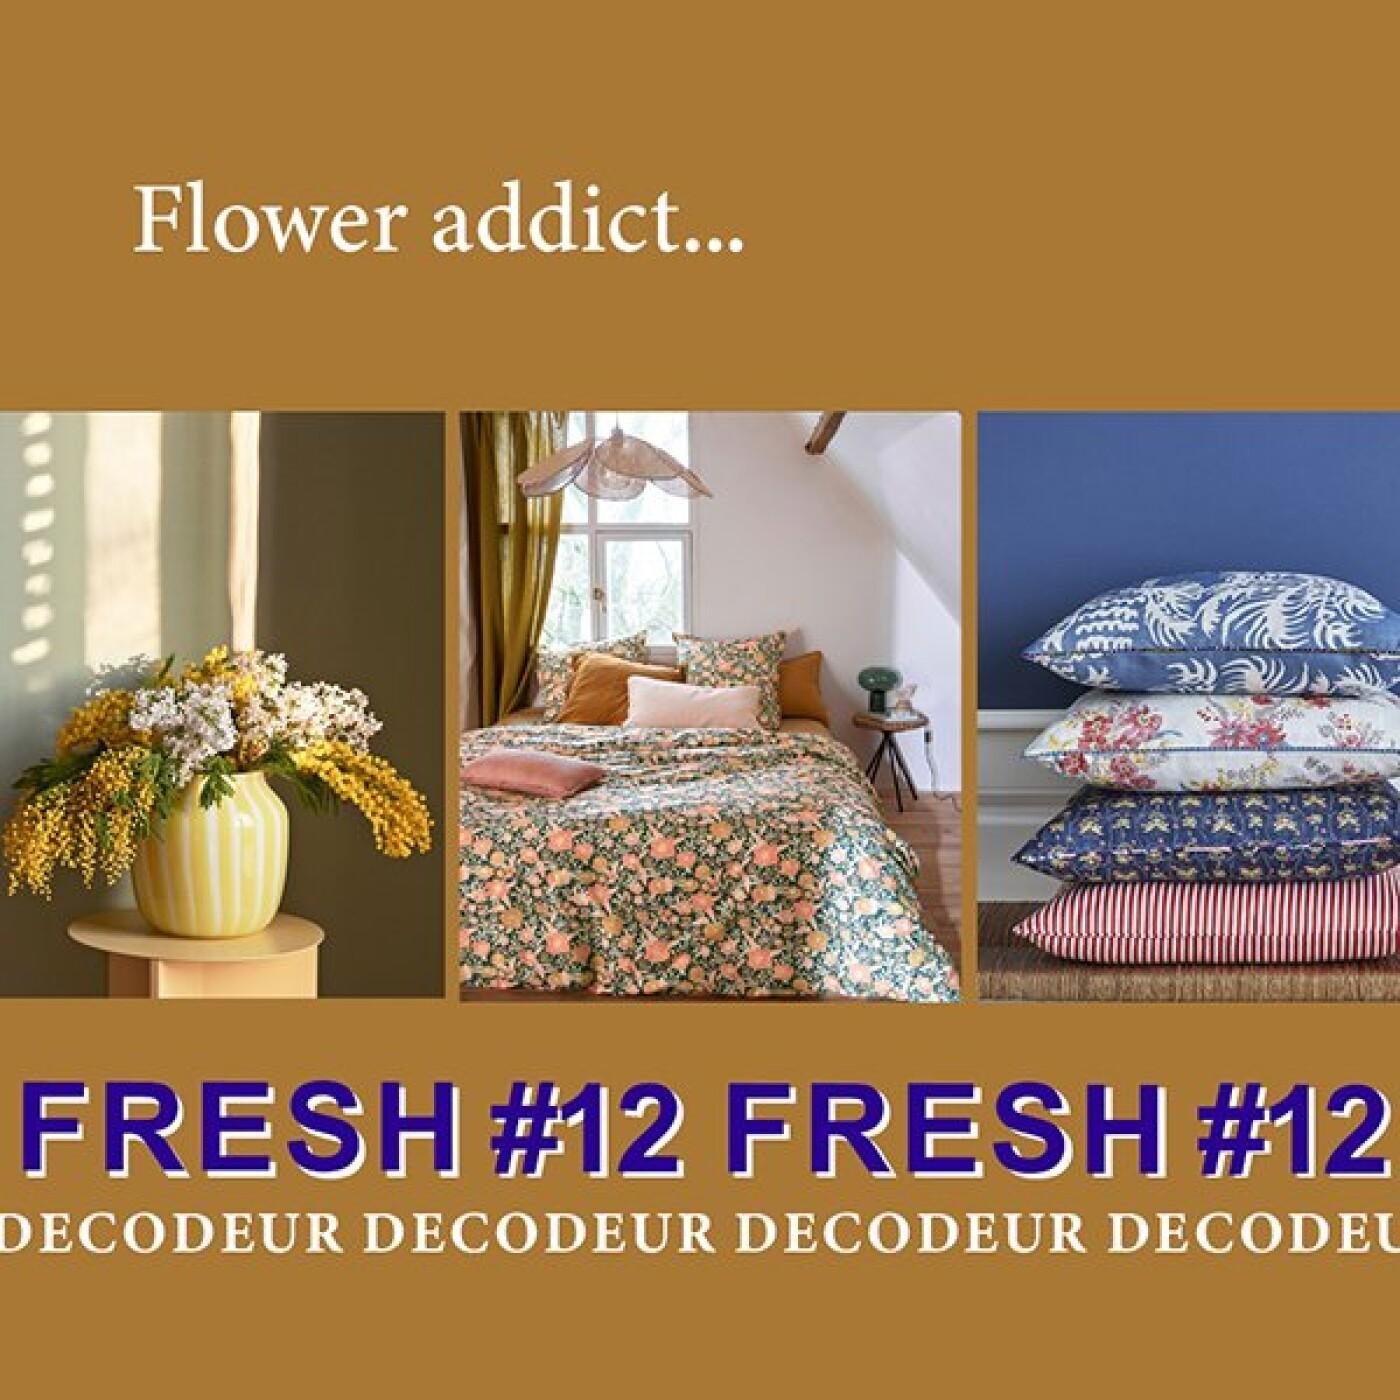 """FRESH #12 la tendance déco du mois : """"Flower addict"""" décrypté par le bureau de style LE NOMBRIL"""